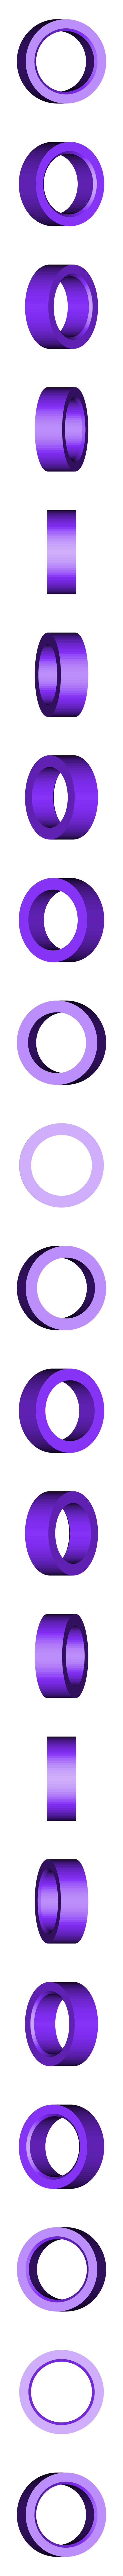 GoPro_Lens_Protector.stl Télécharger fichier STL gratuit OpenRC 220 FPV Mini Quad • Objet à imprimer en 3D, DanielNoree